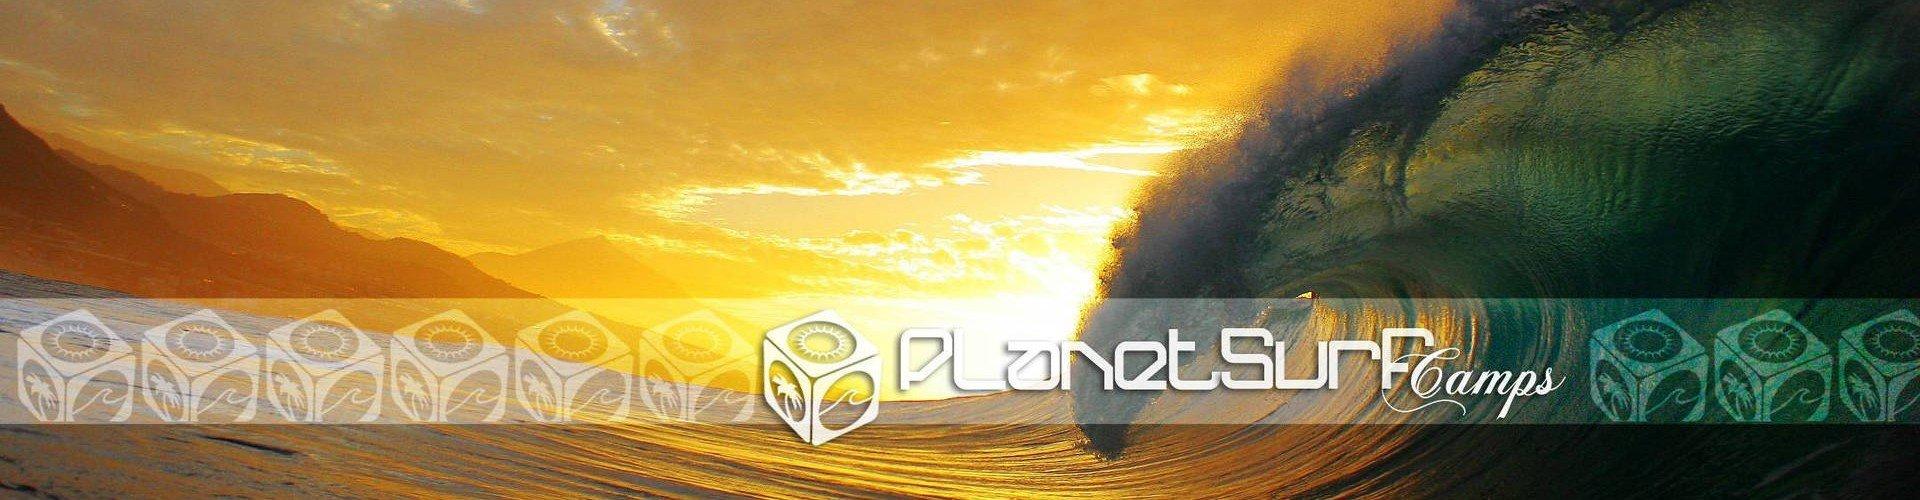 Perfekte Welle in Spanien Surfspot